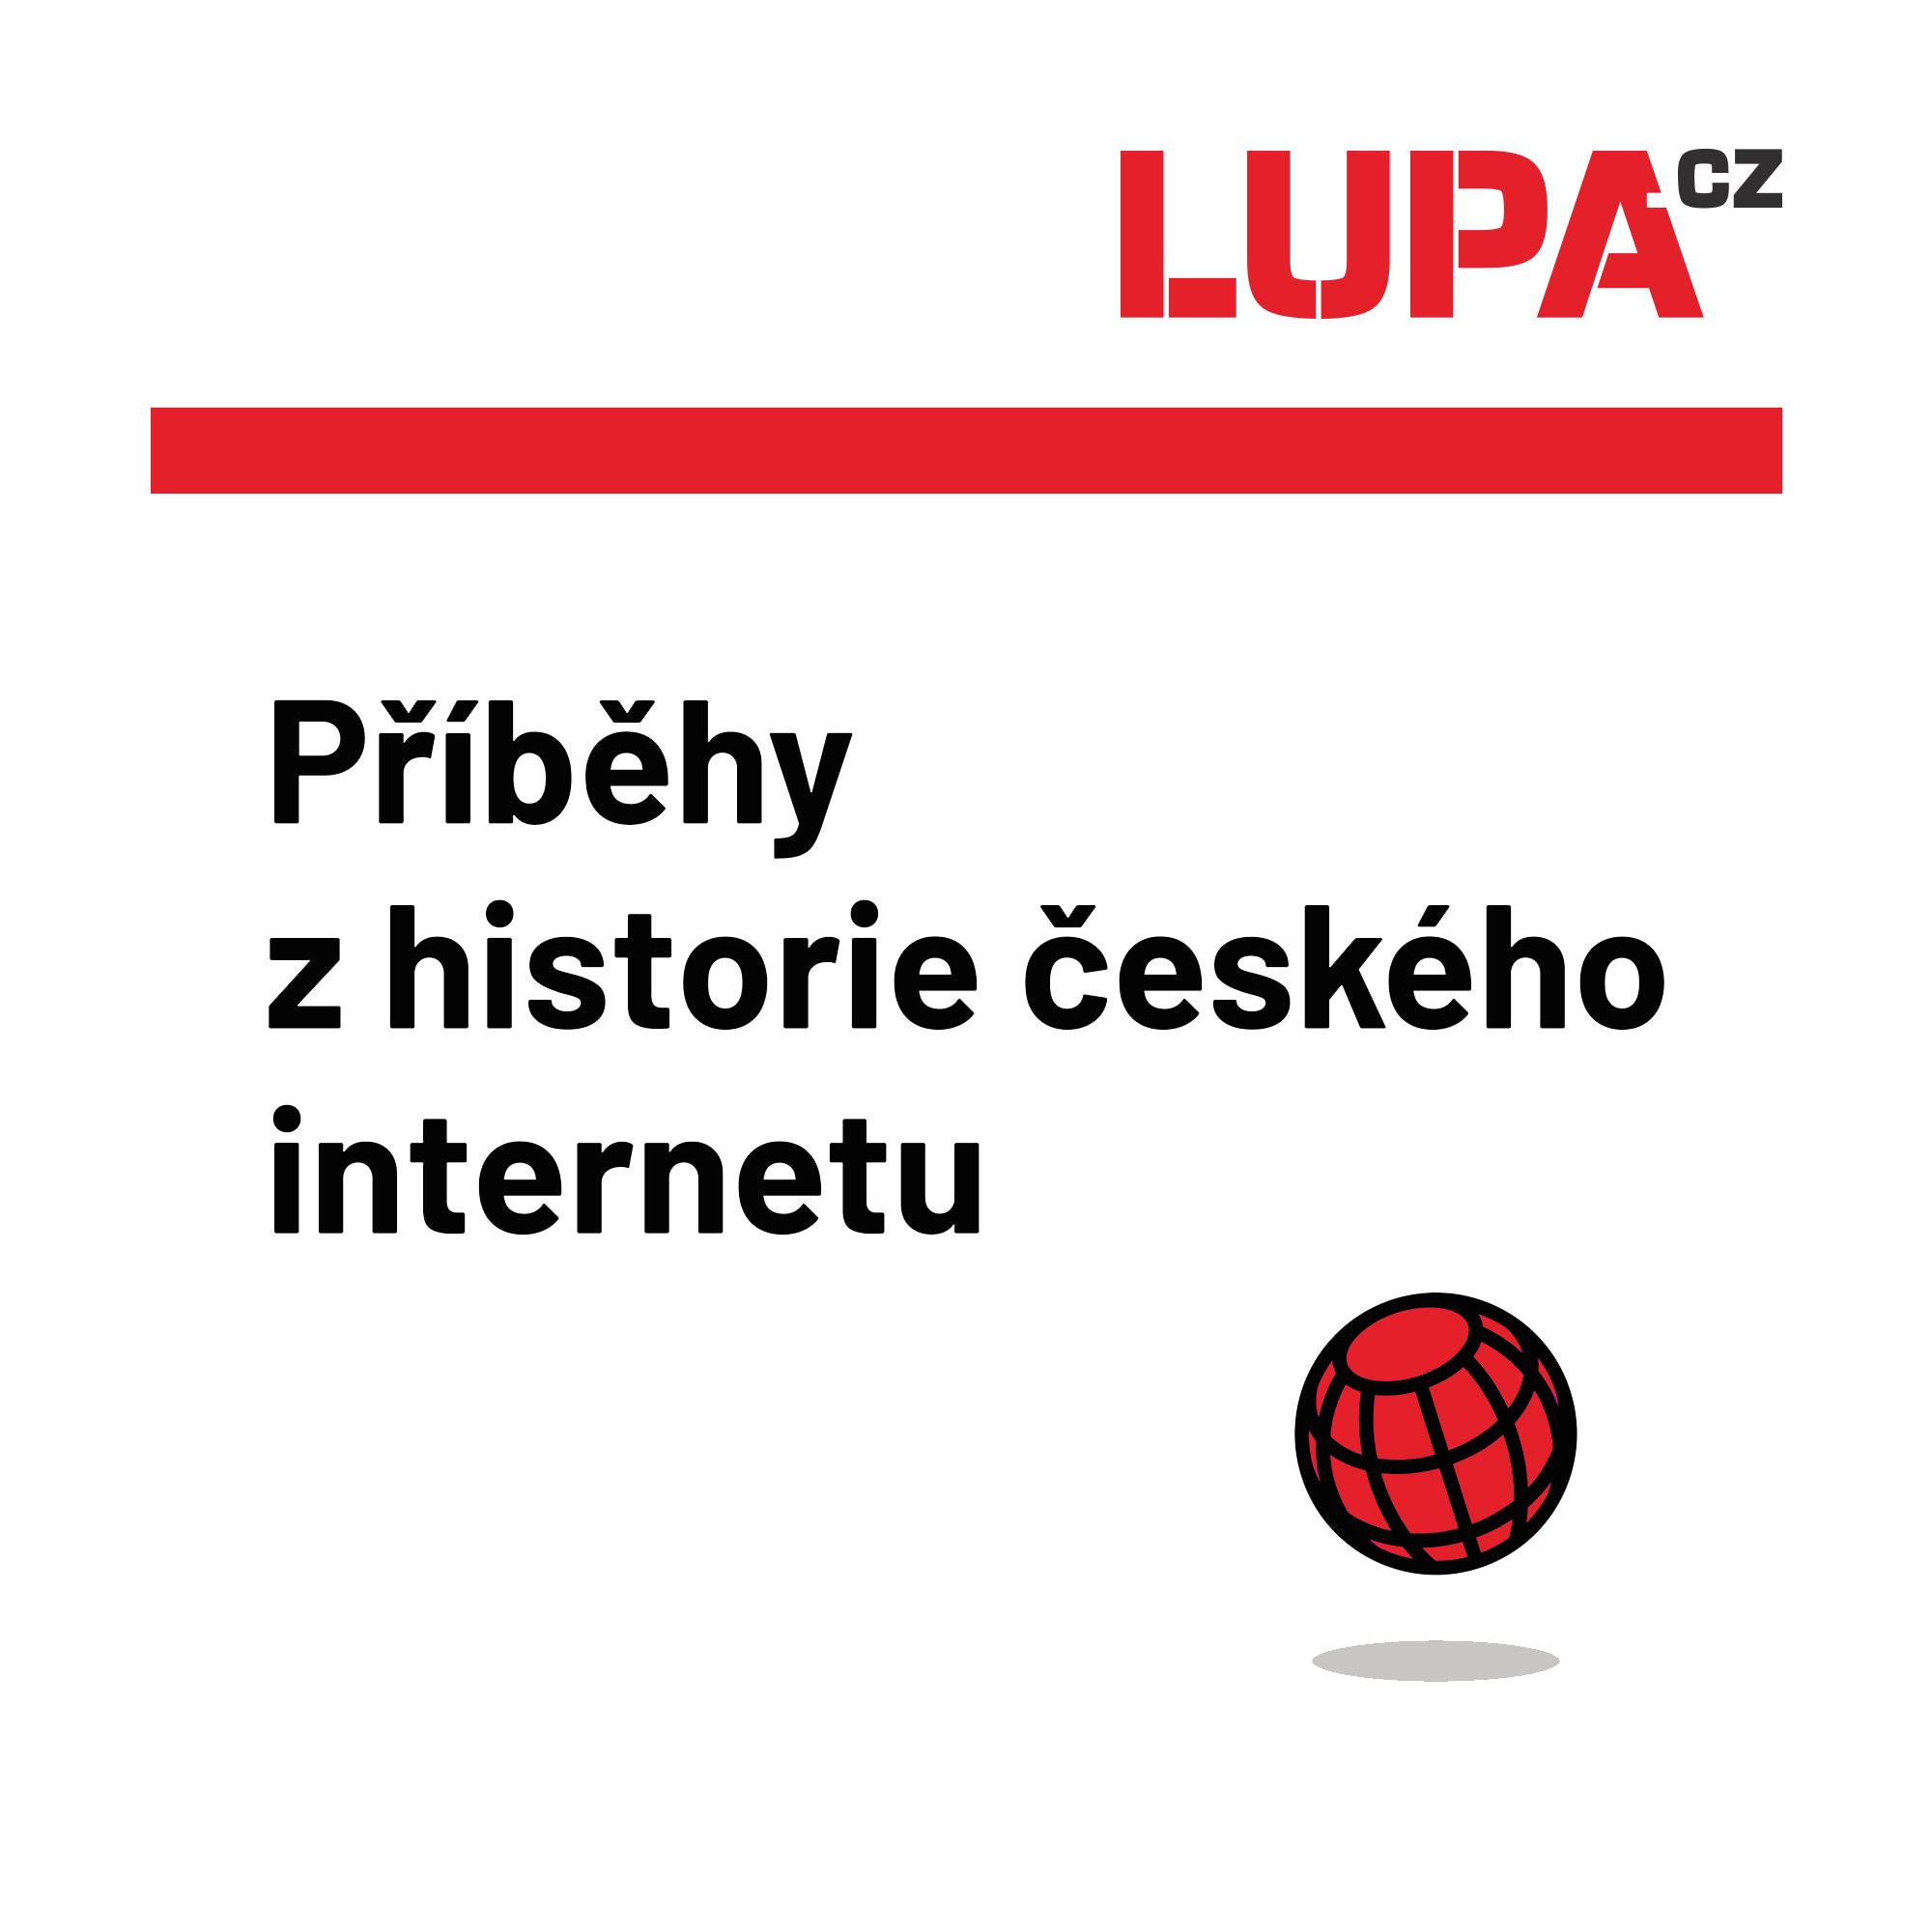 Příběhy zhistorie českého internetu: Muž, který dělá neuskutečnitelné projekty